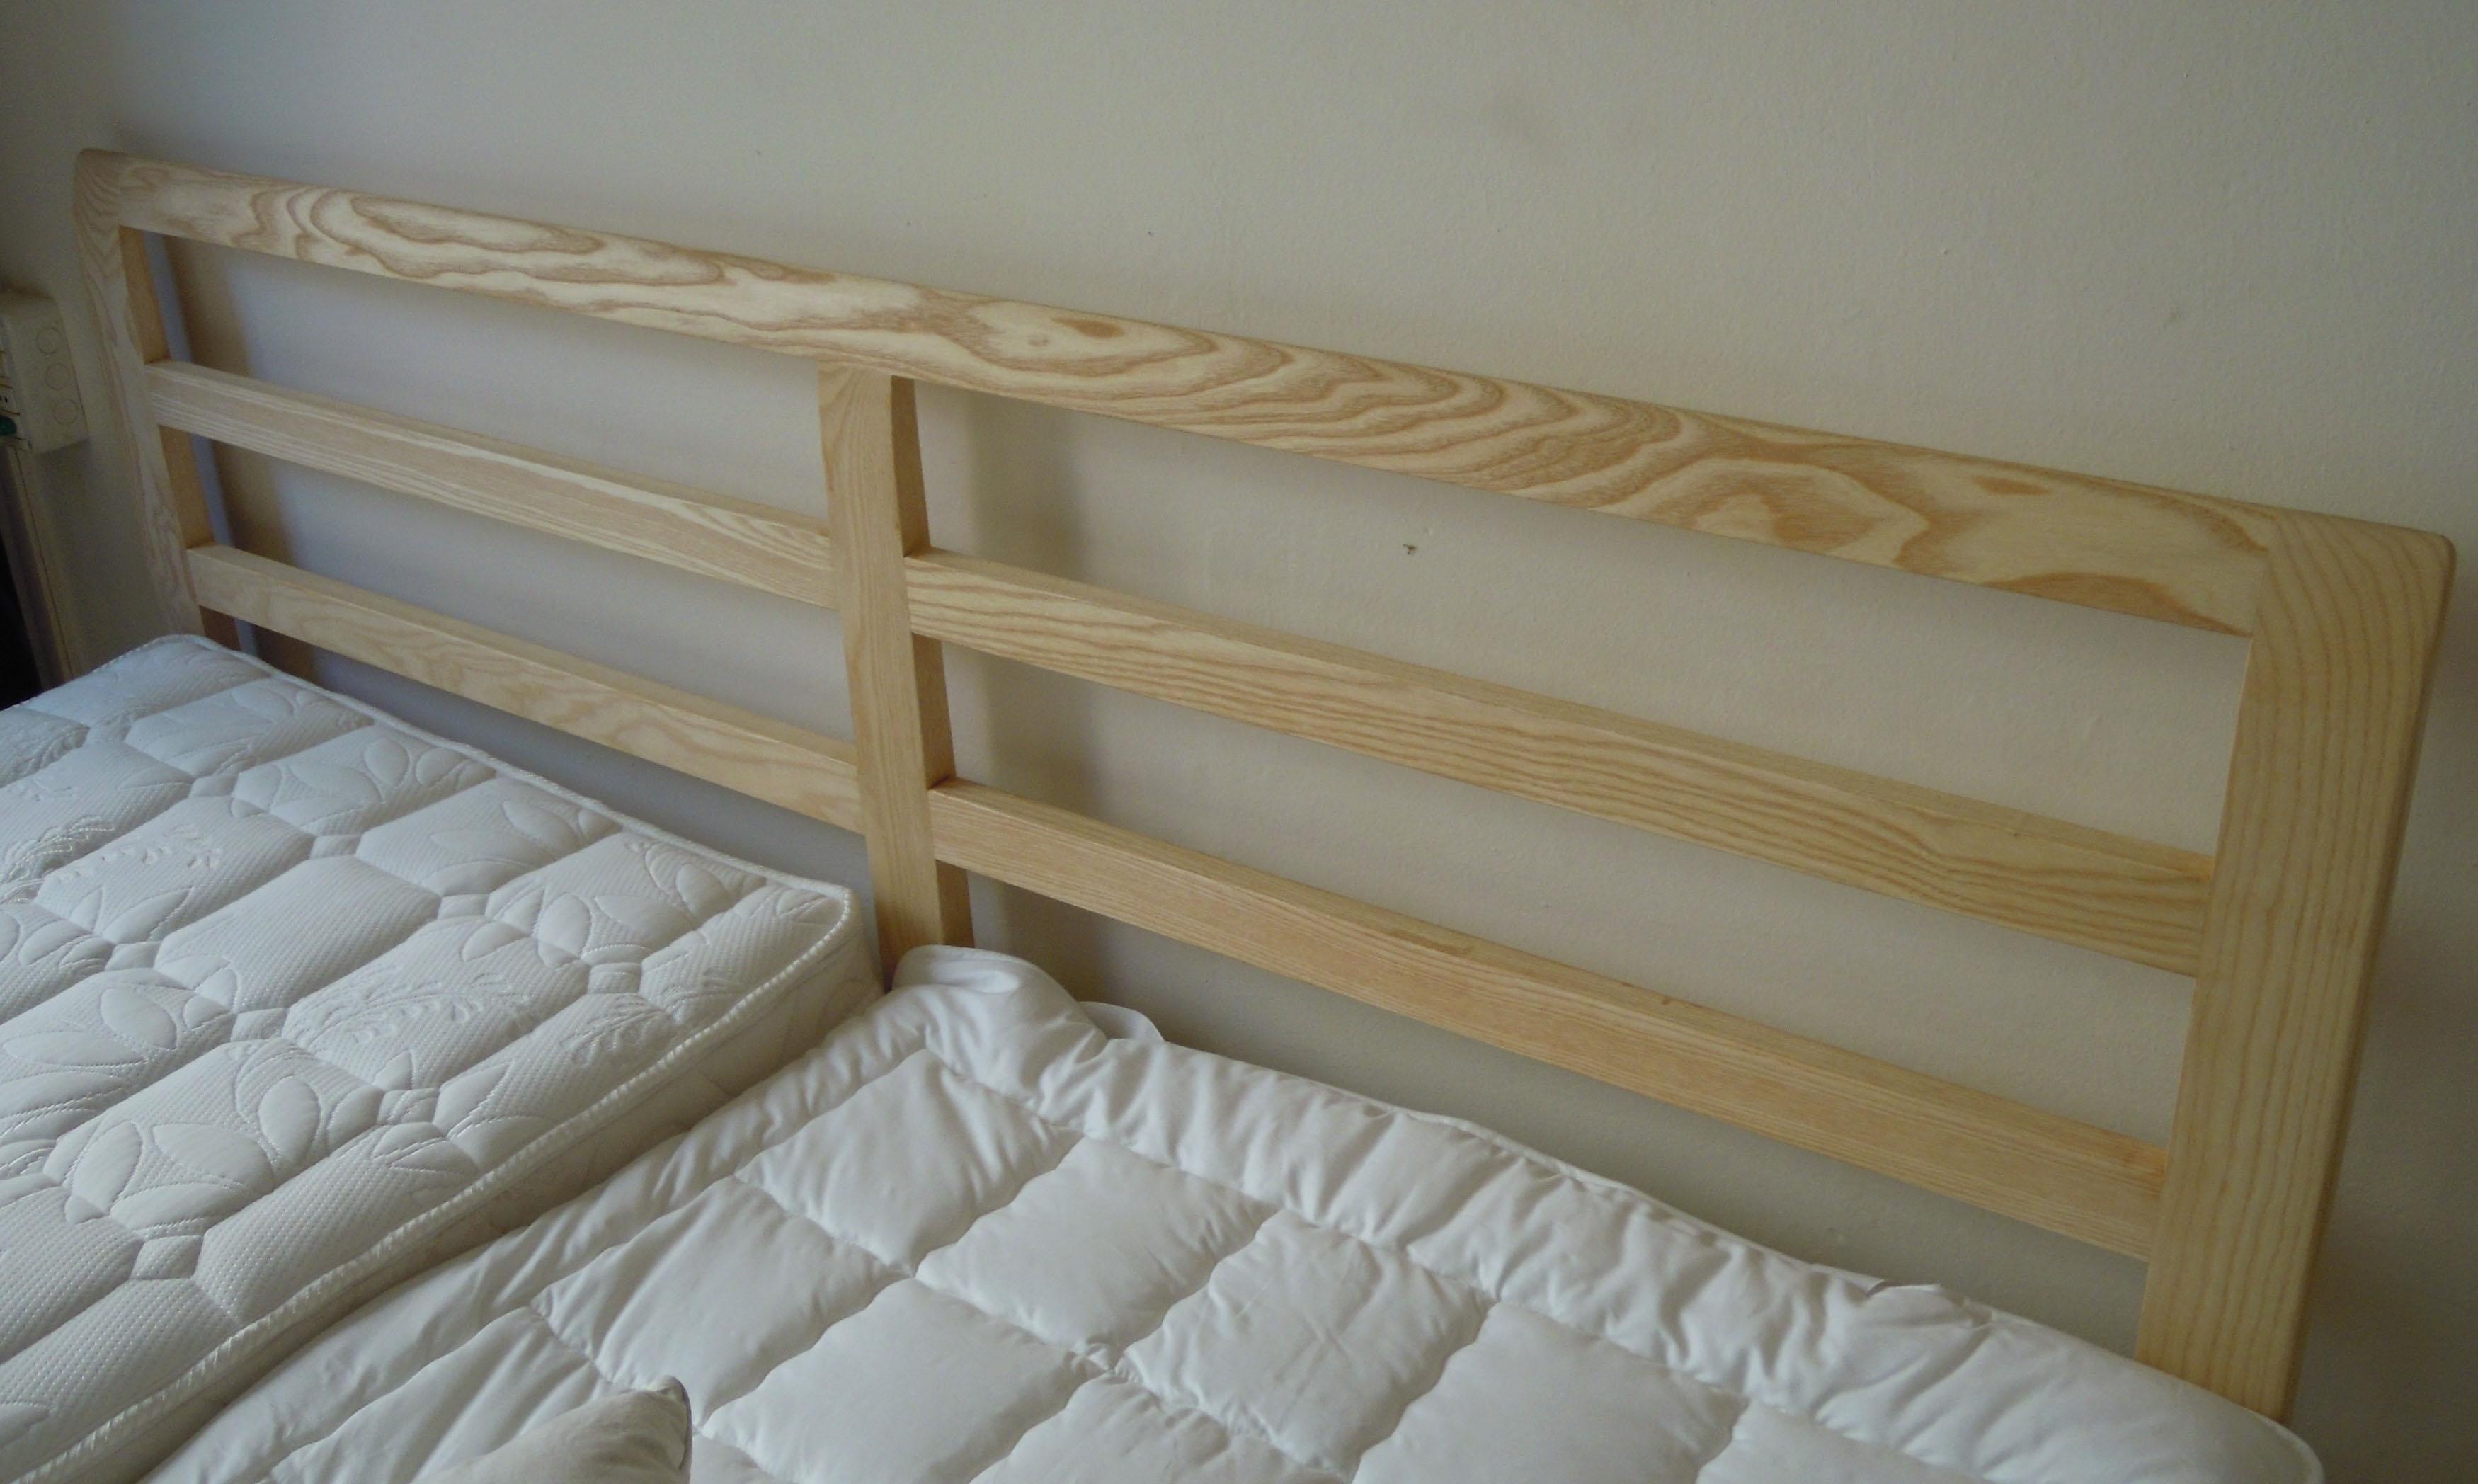 Letto in legno di design la scelta giusta variata sul for Design di mobili in legno letto